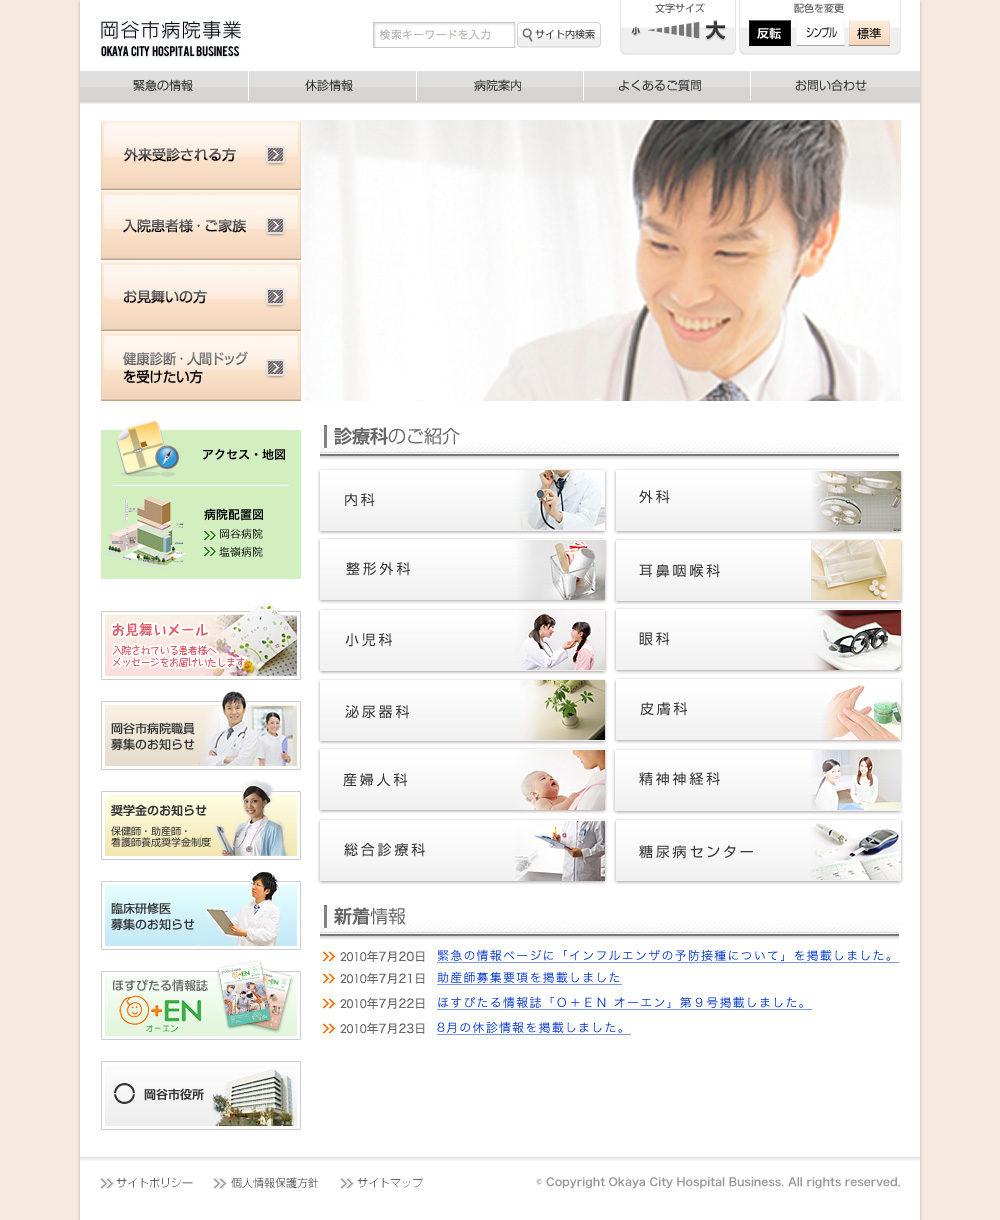 岡谷市病院事業ホームページ